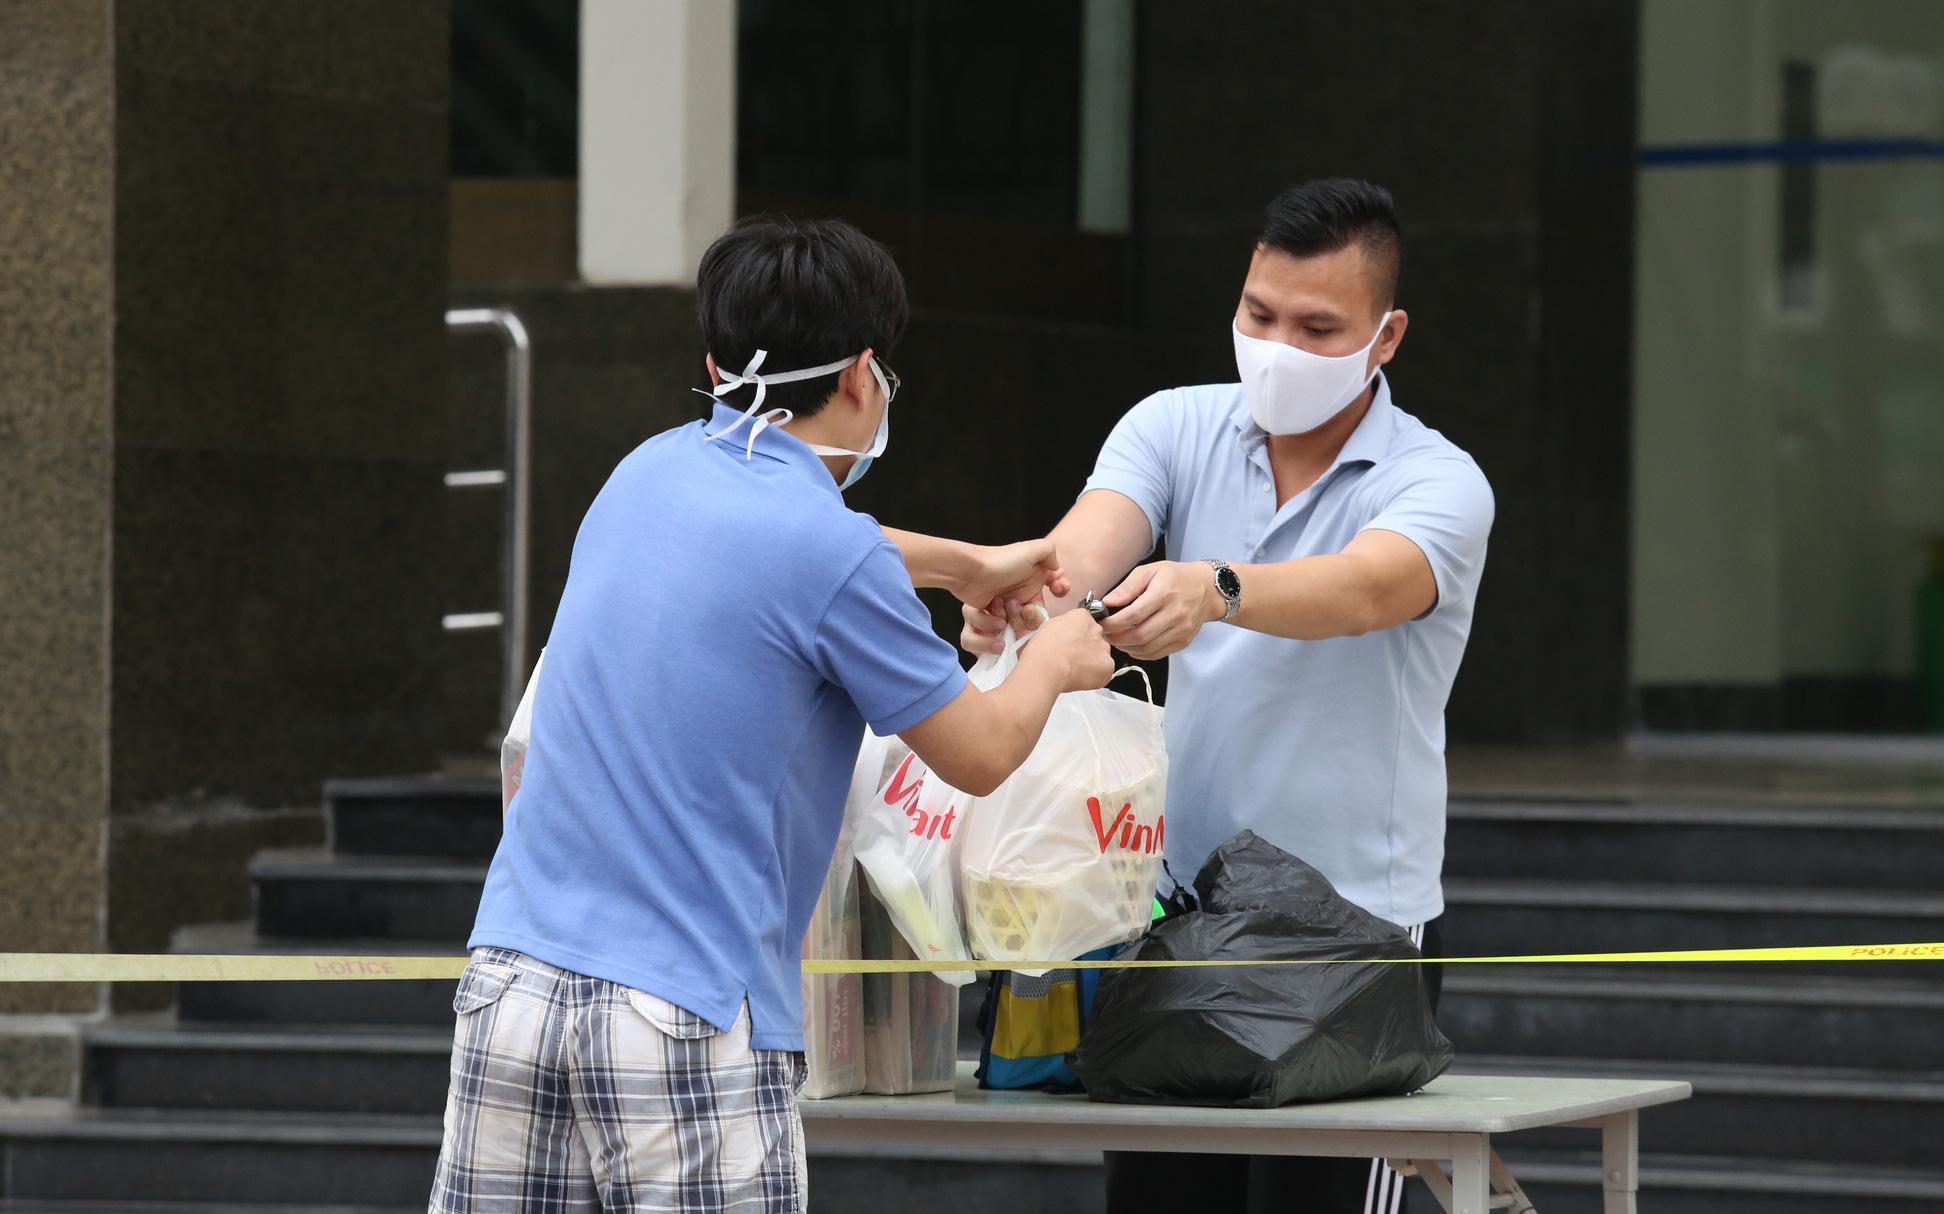 Bệnh nhân 183 là phóng viên từng phỏng vấn ca nhiễm Covid-19 người Pháp, tòa chung cư 30 tầng đã được khoanh vùng, khử khuẩn